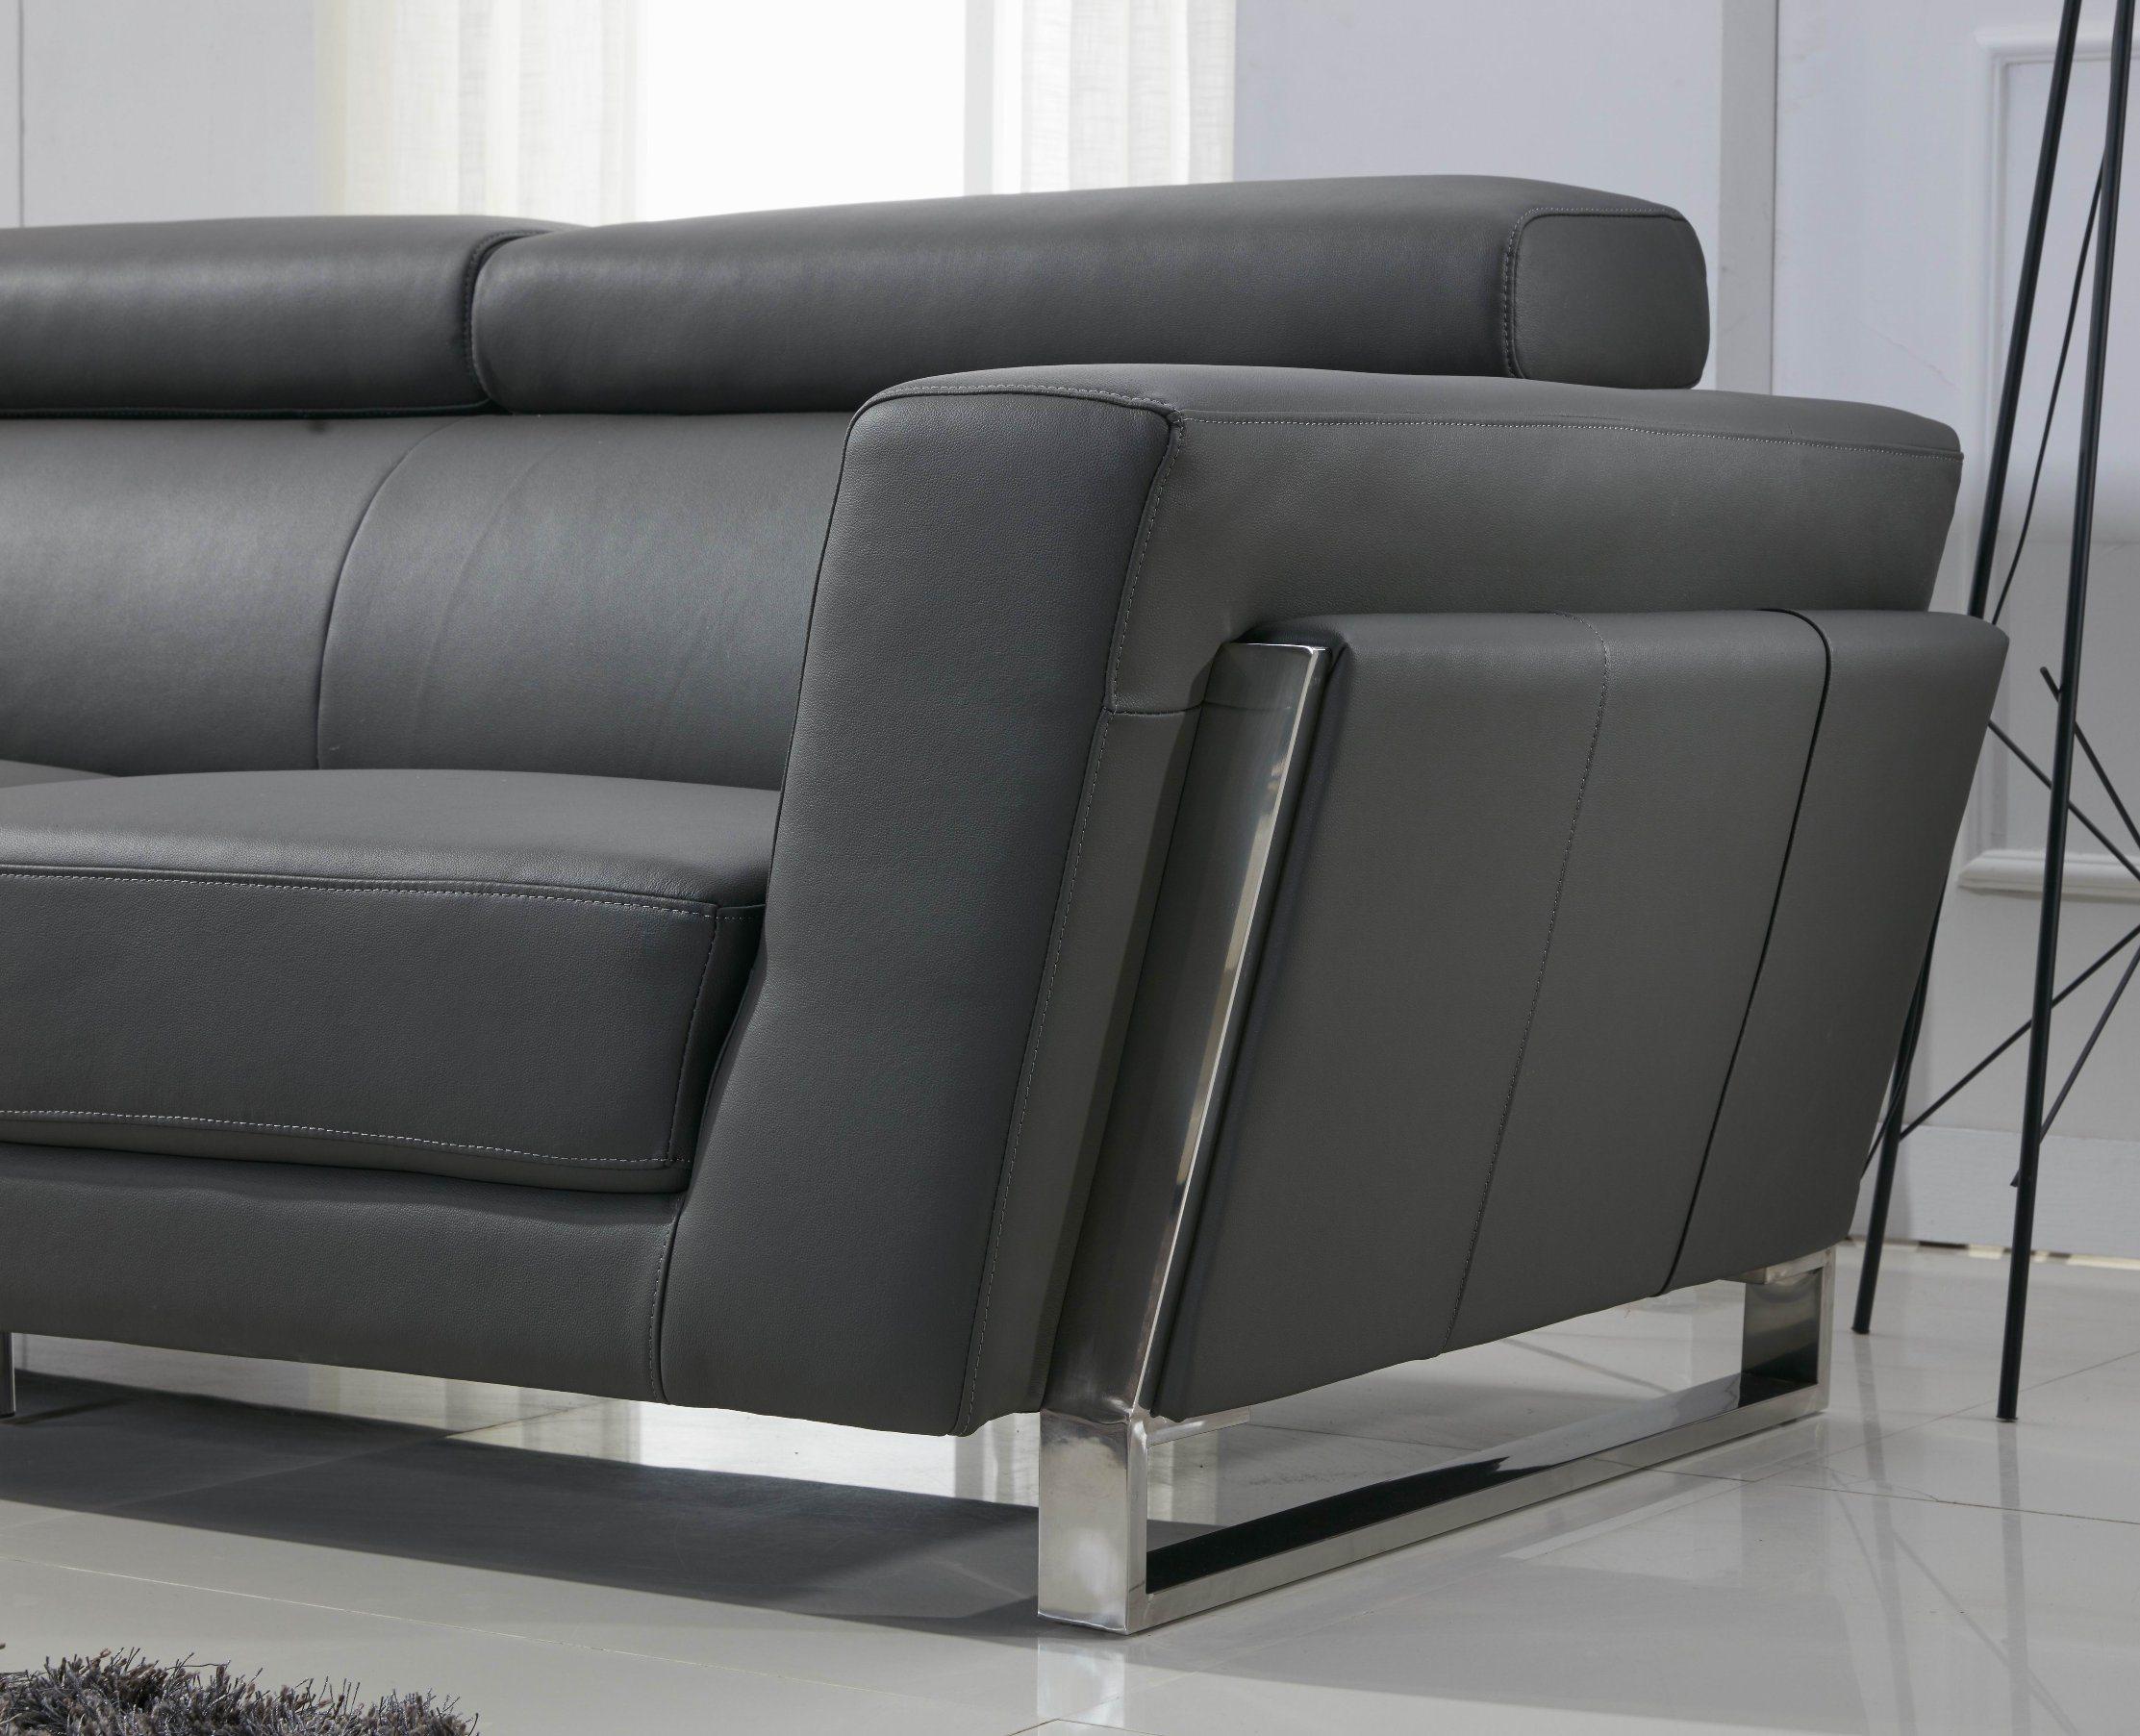 Lebensstil-Edelstahl-Leder-Sofa 3 2 1 Seater foto auf de ...